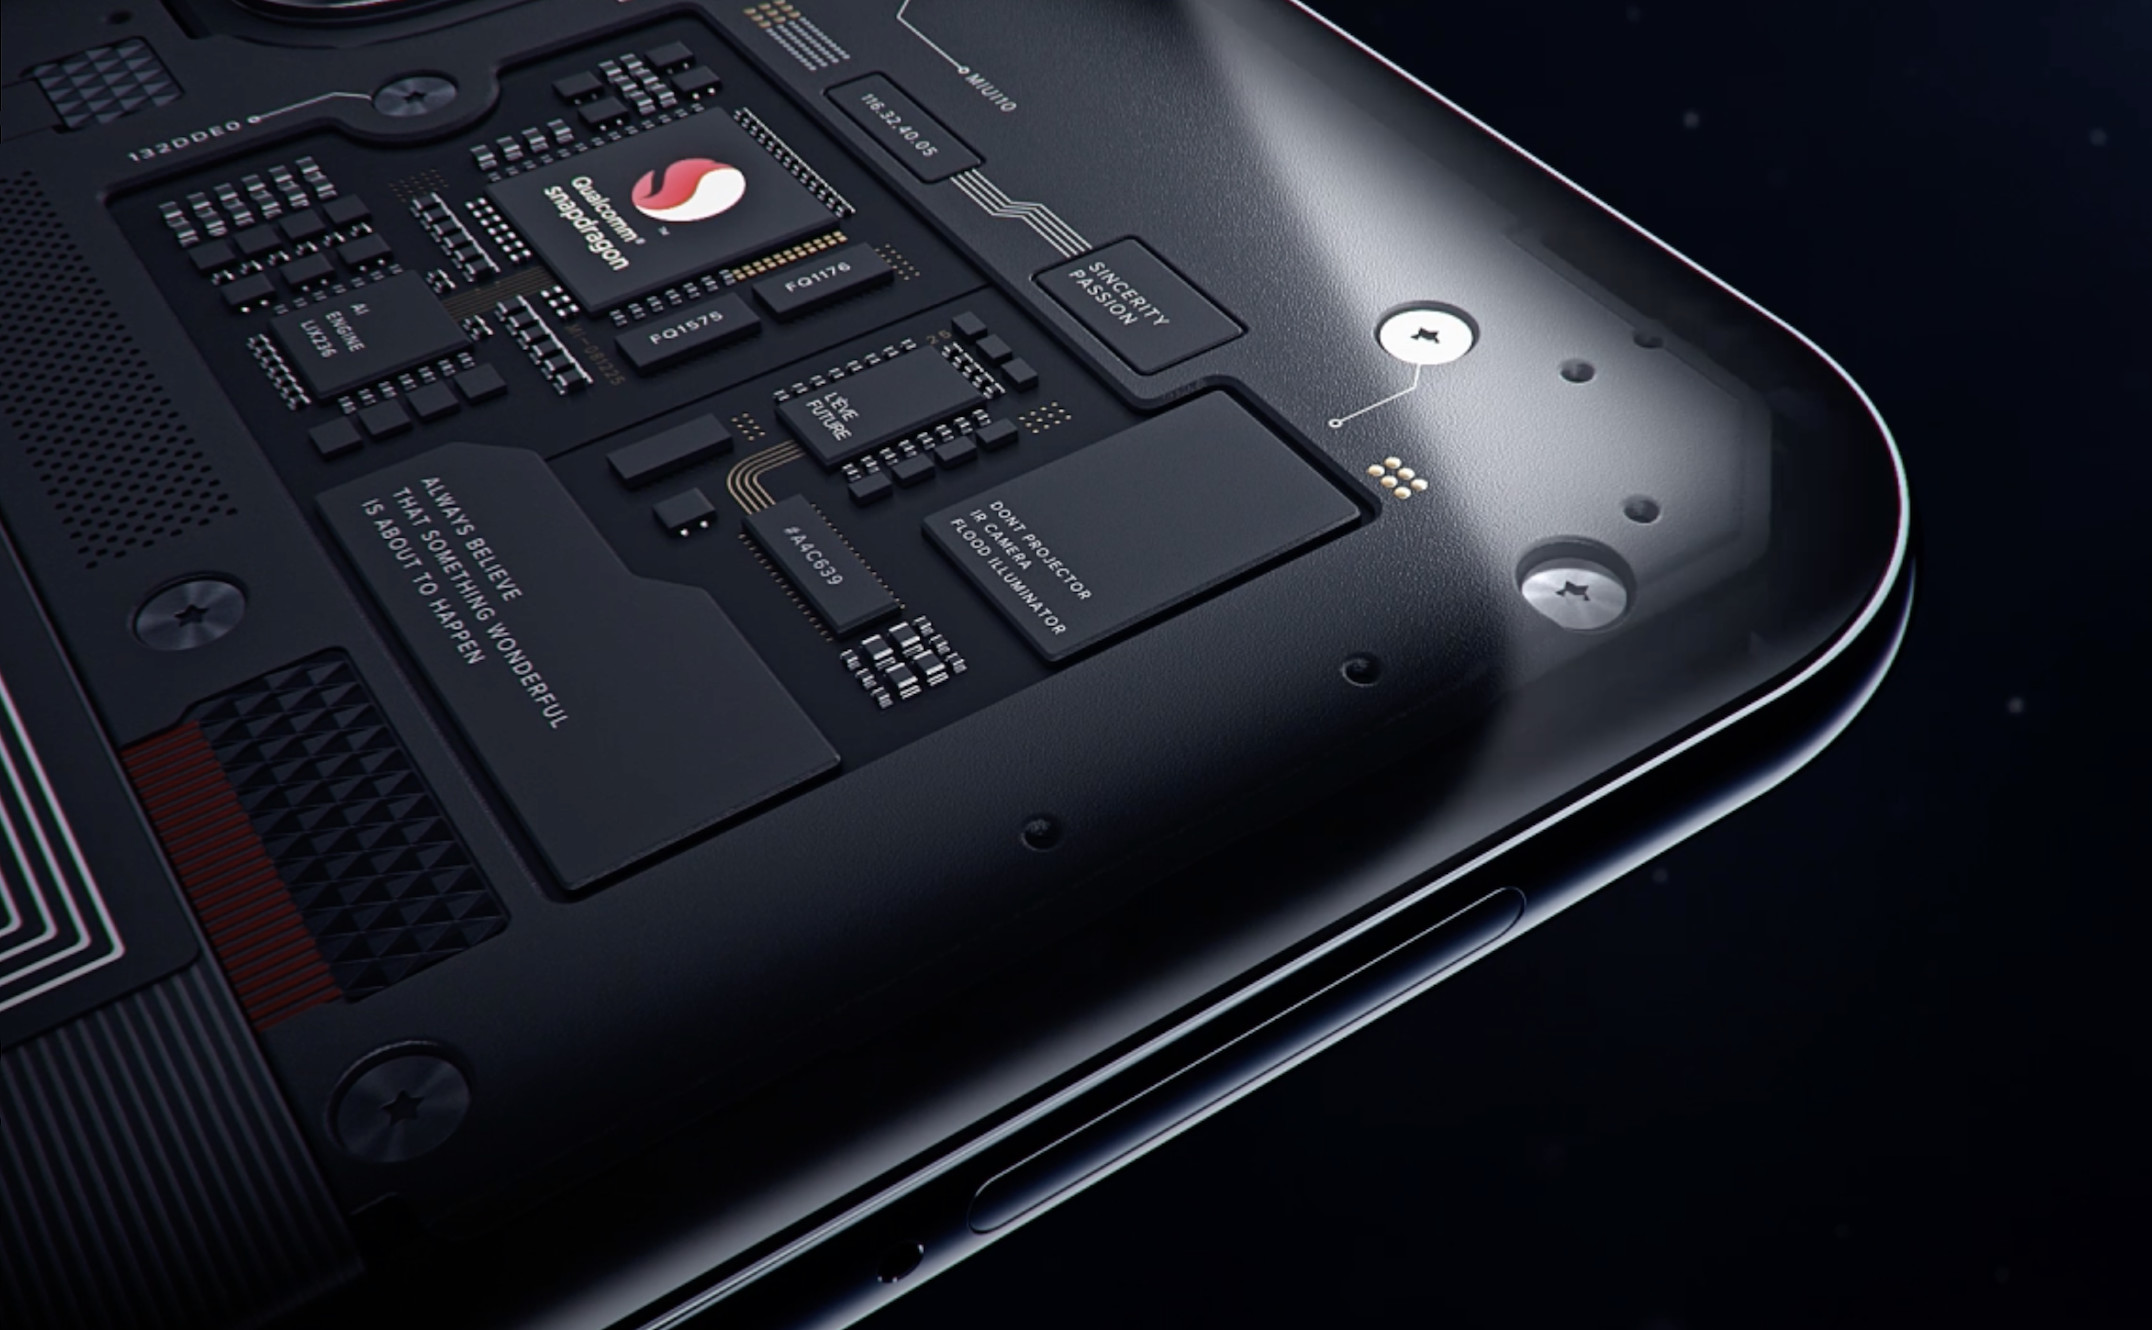 Xiaomi Mi 8 Explorer Edition finalmente disponibile in preordine (Codice sconto)